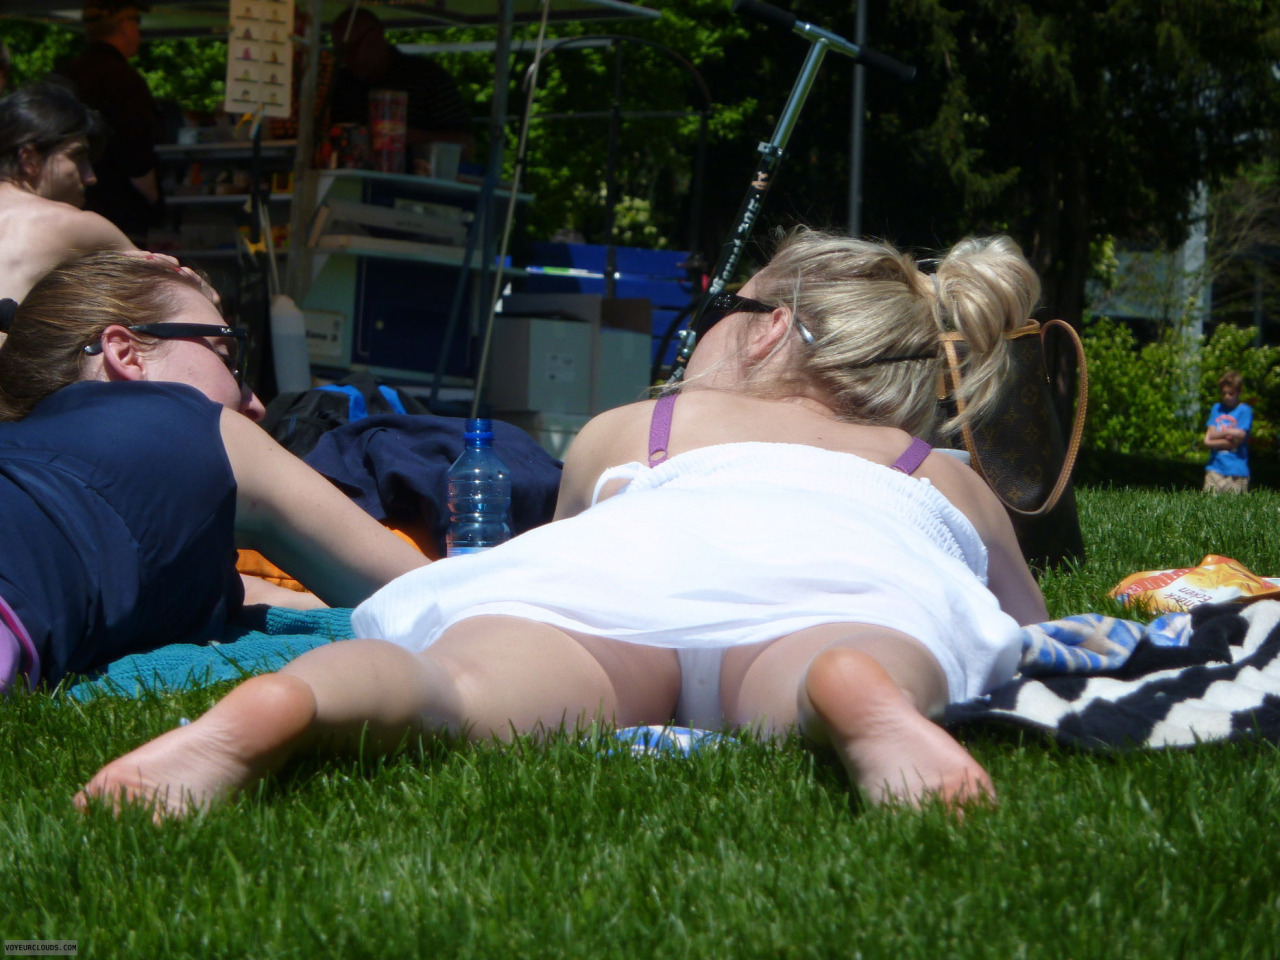 【パンチラエロ画像】何故寝てられるw昼間からパンツ出しっぱな海外素人www 10